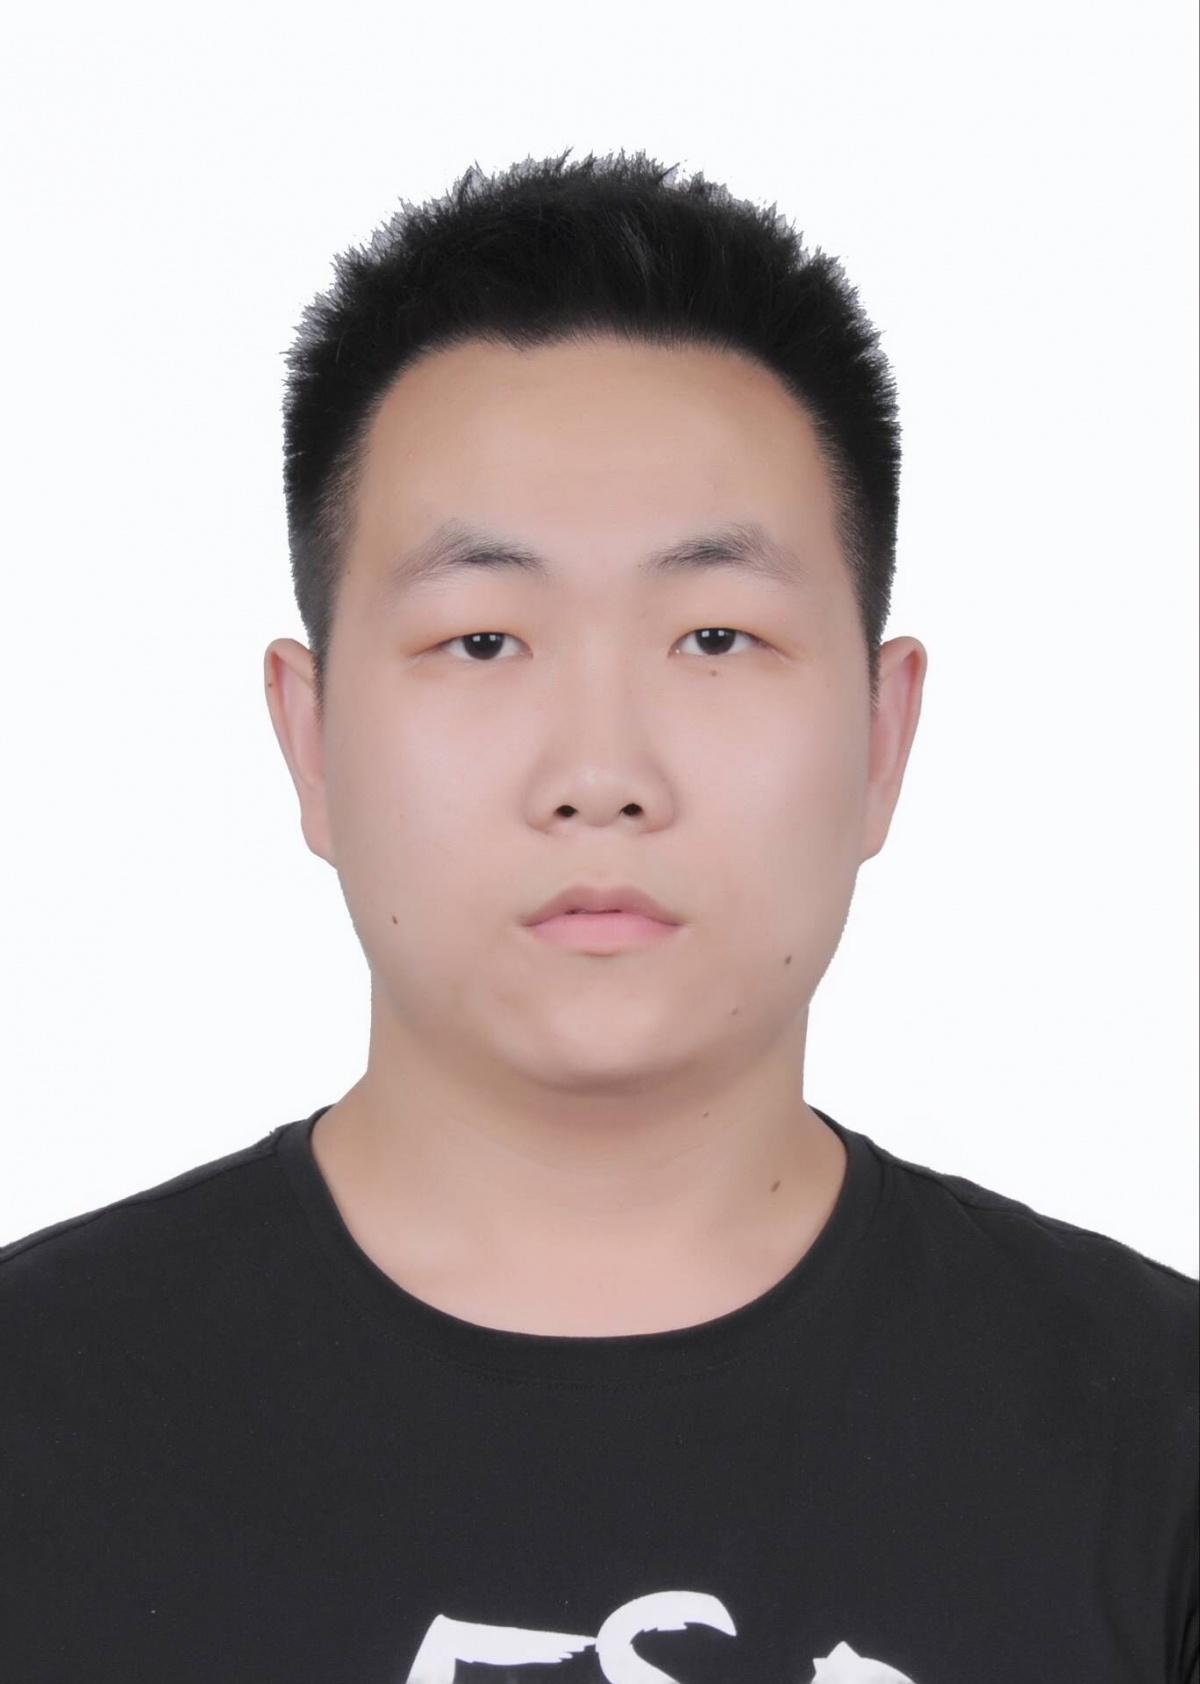 蒋国富450325199801100916.jpg